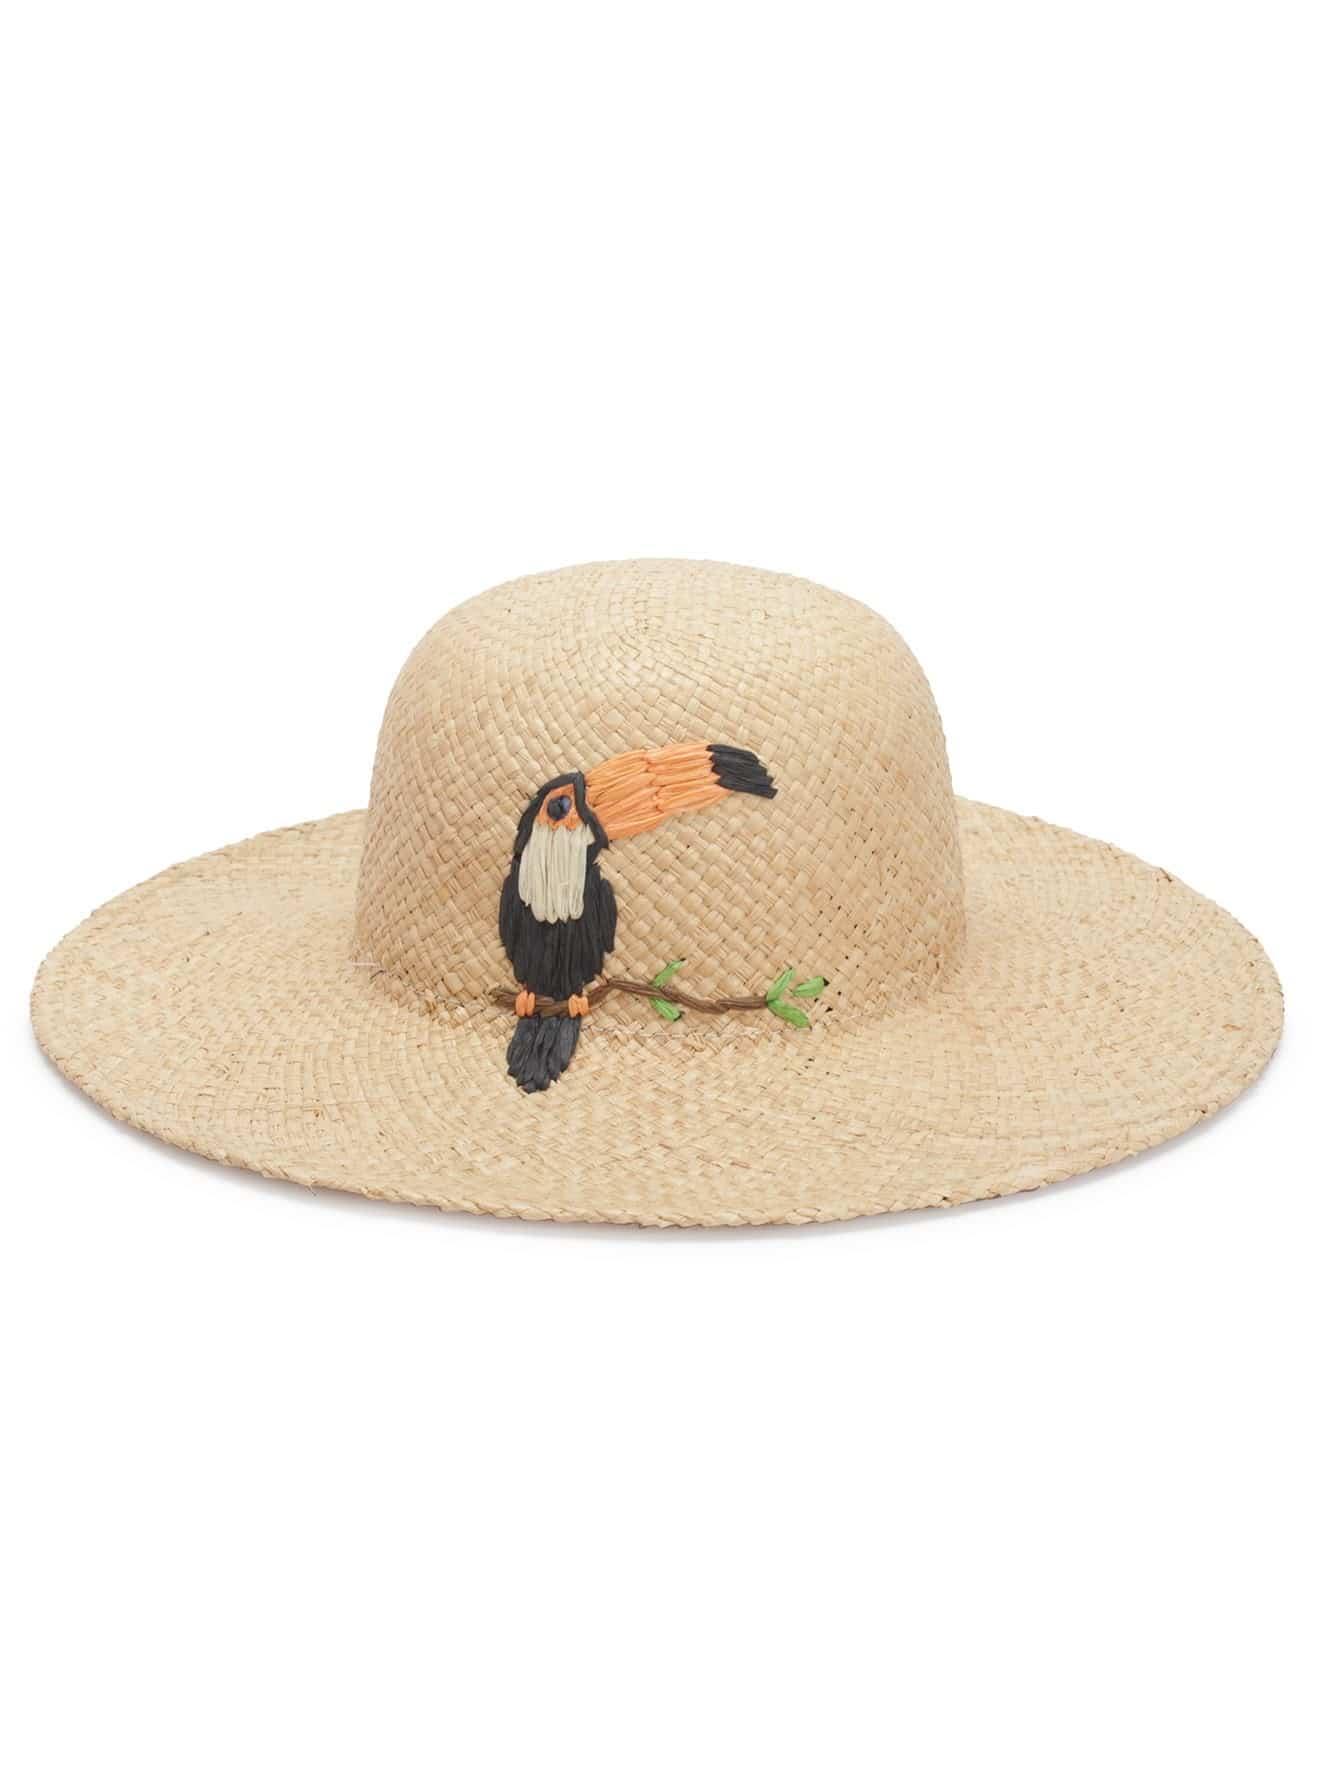 Bird Decorated Straw Hat